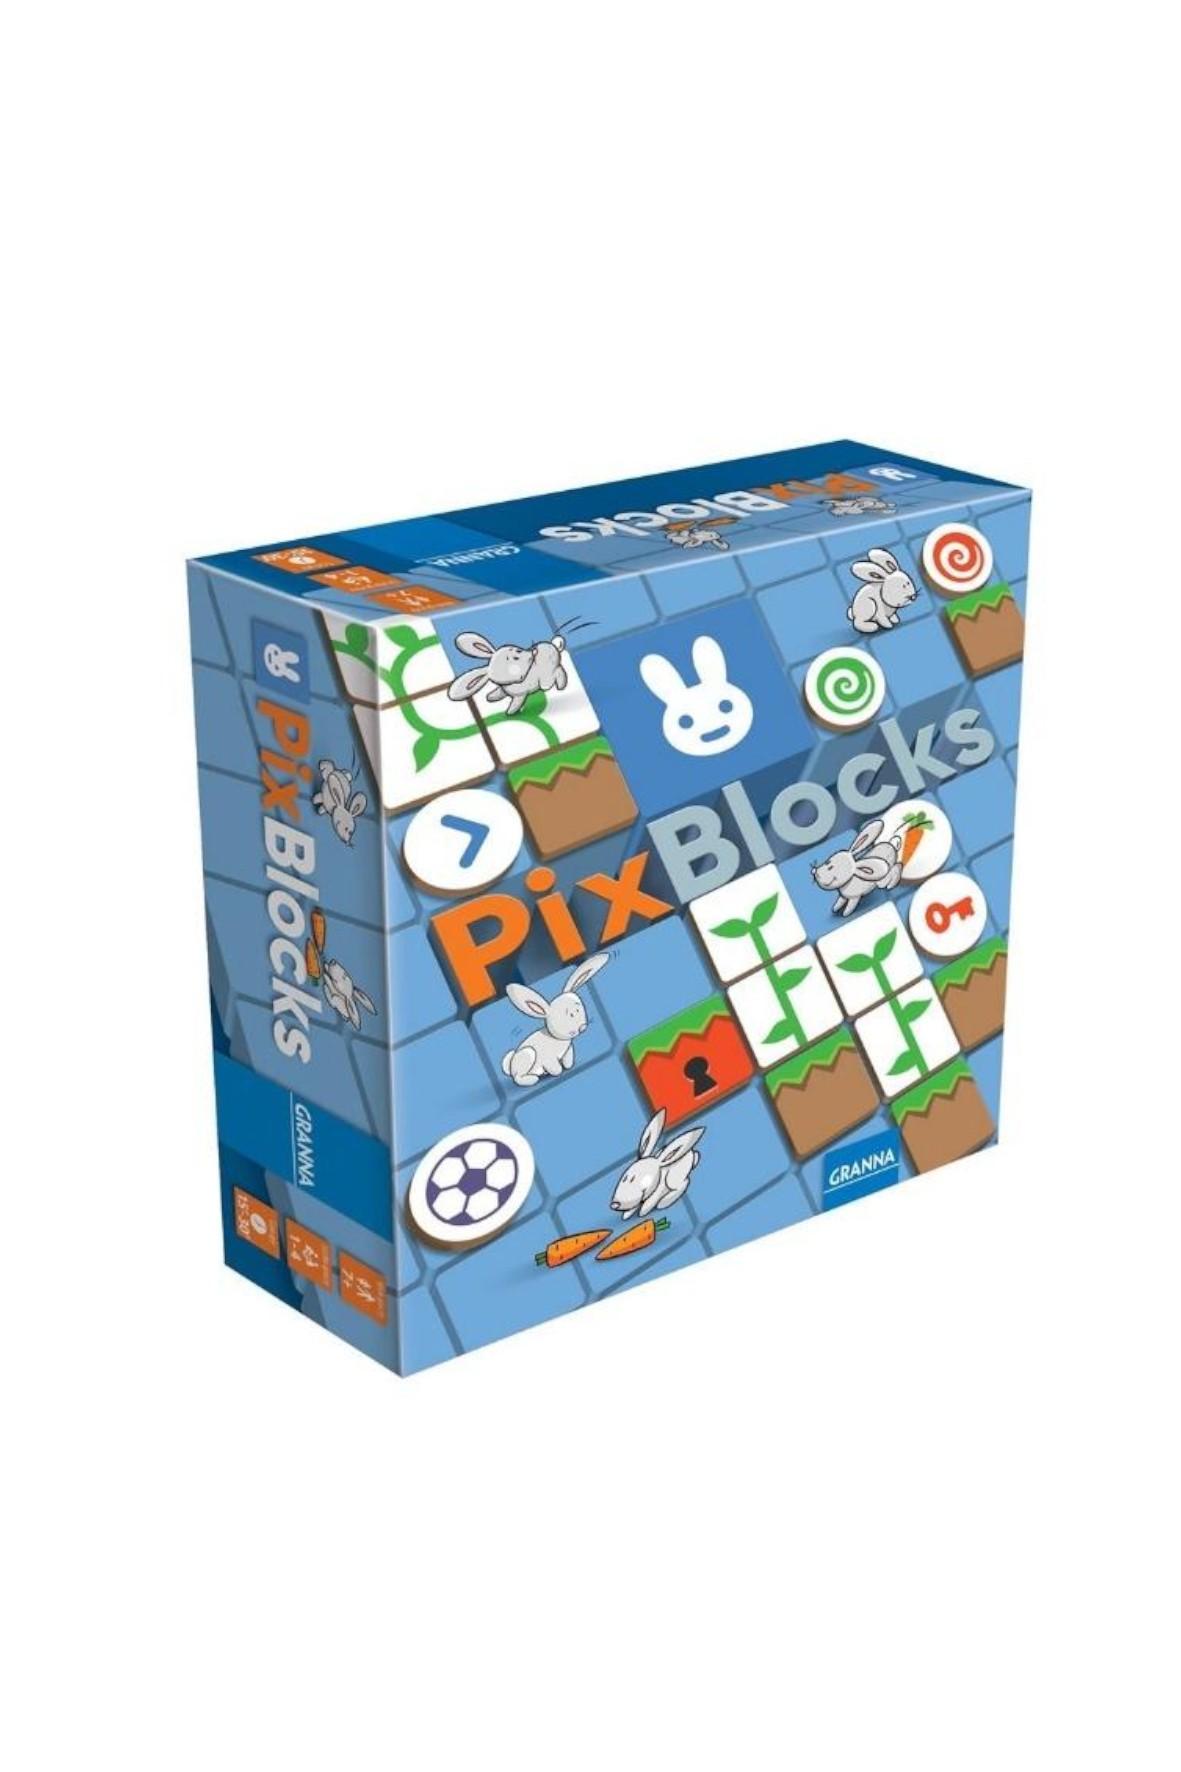 Gra dziecięca - PixBlocks  Graj, Baw się, Programuj!